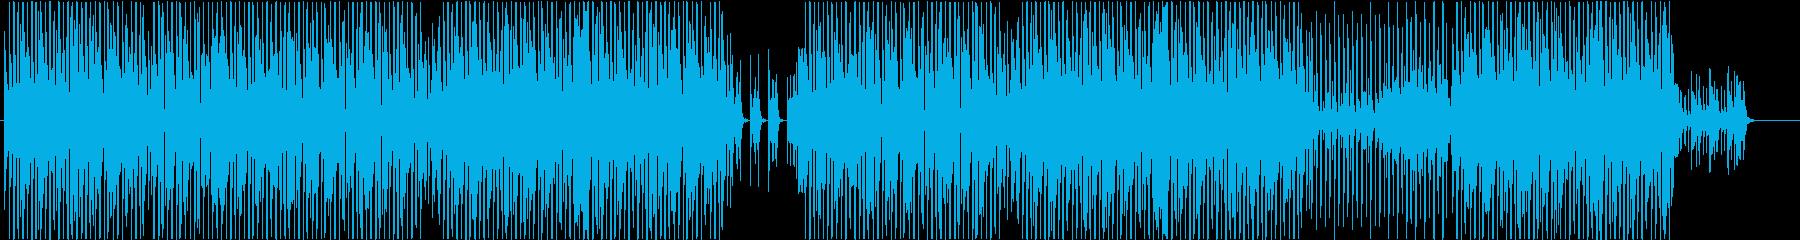 洋楽ディスコ、ポップス、ダンス♪の再生済みの波形